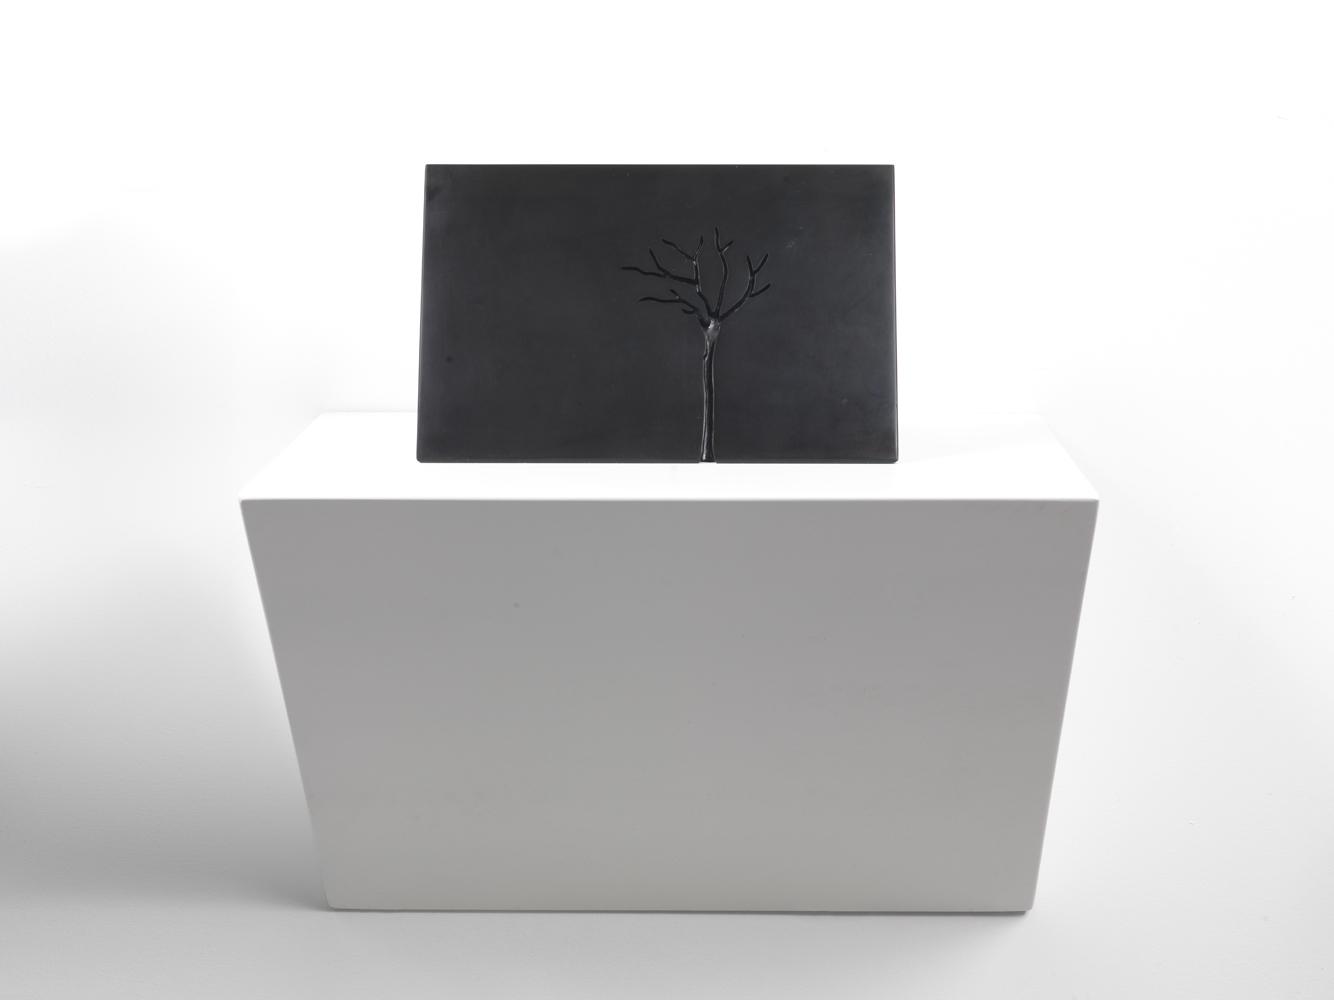 m- arbre1 ,2012 marmo nero di Belgio/black belgian marble